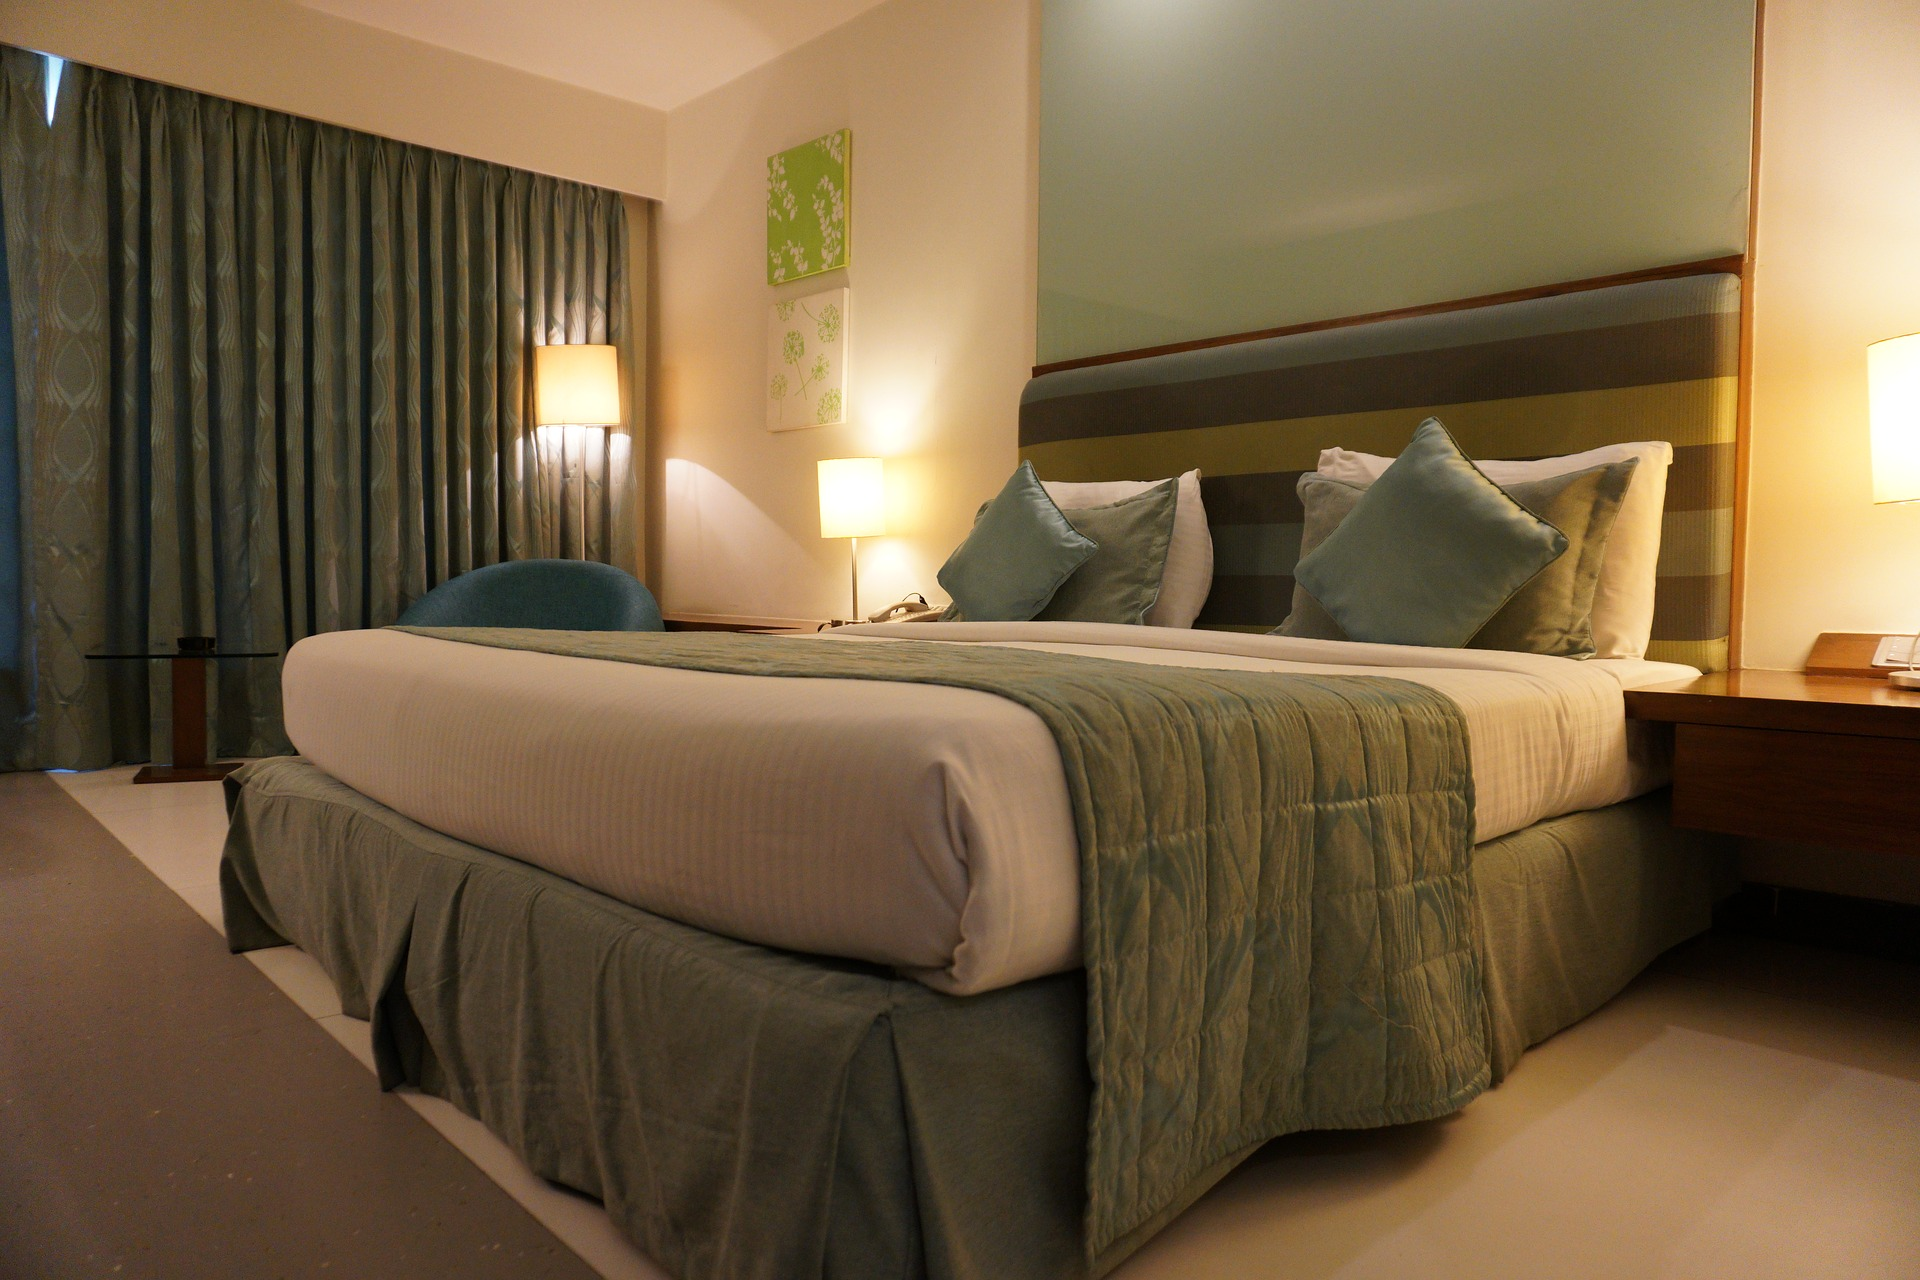 ベッド、マットレスのサイズ選びに迷ったら?最適なサイズと選び方をご紹介